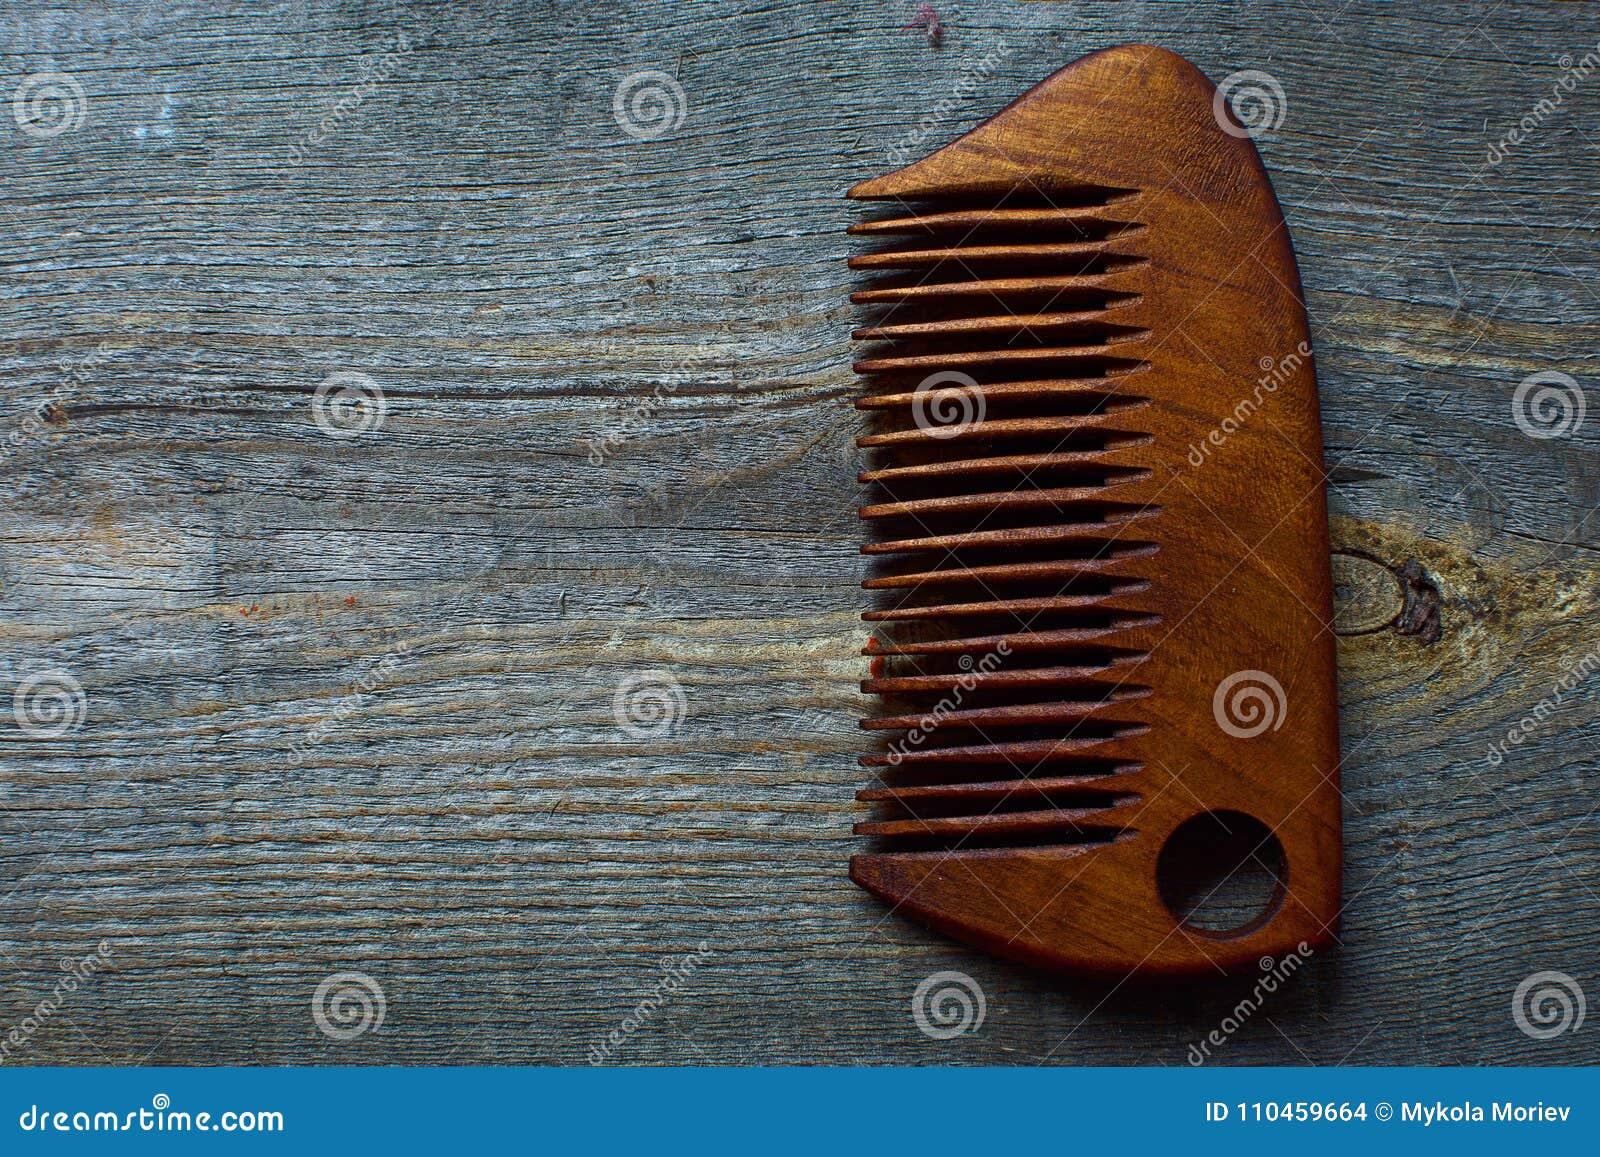 Hårkammen för ett skägg ligger på en träbakgrund